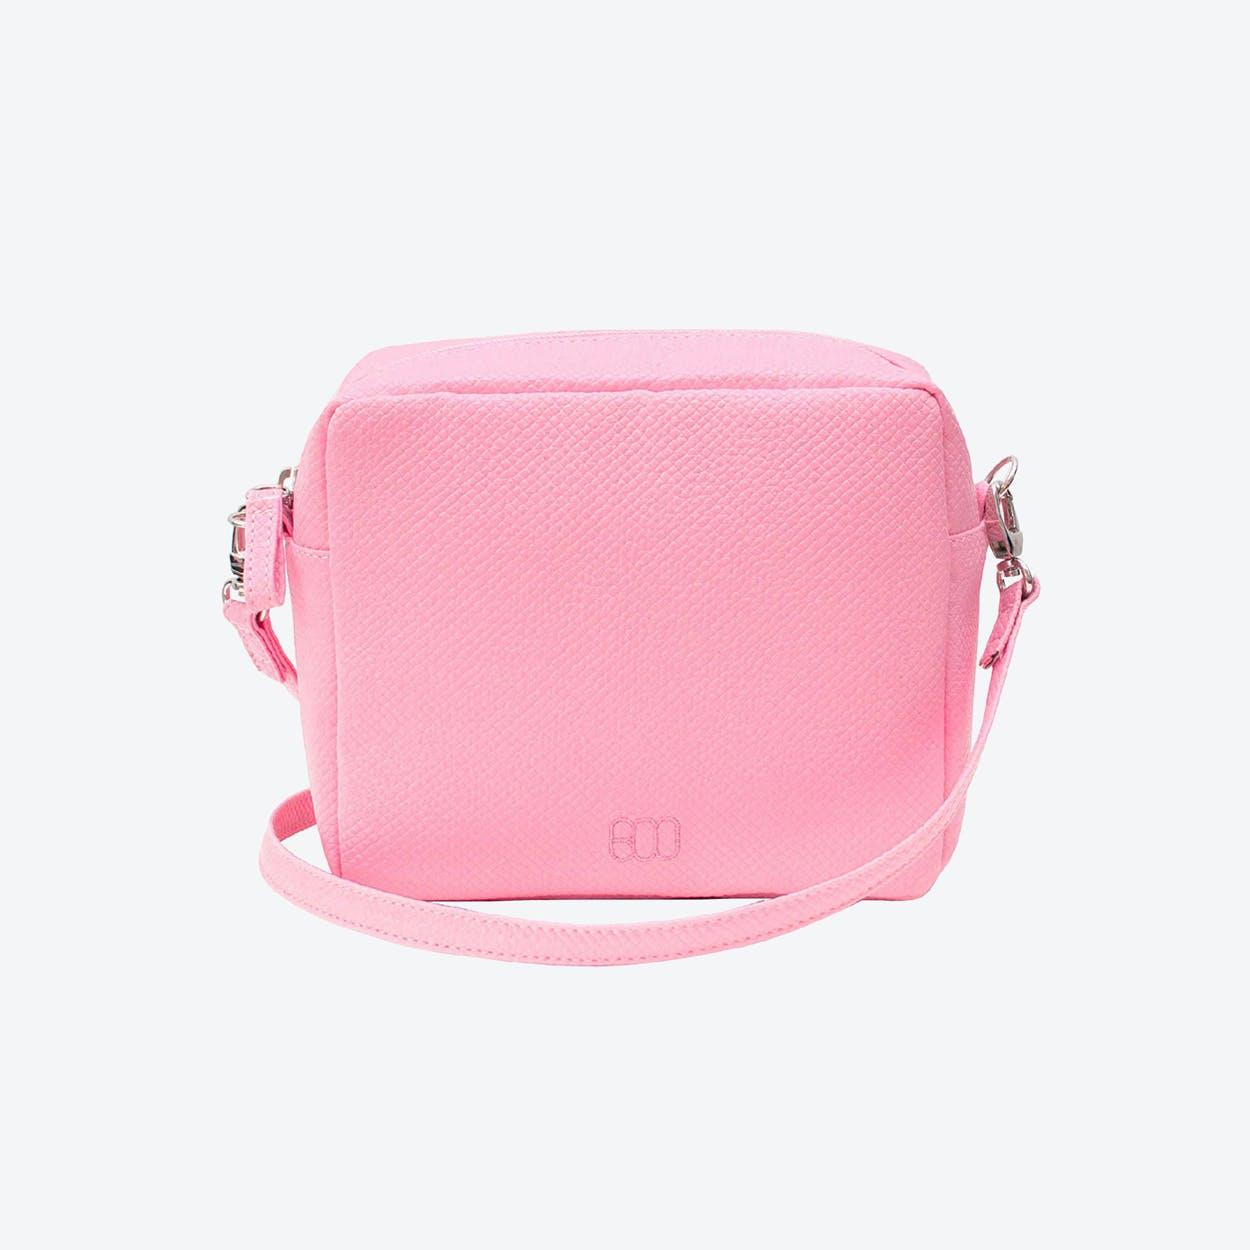 Box Crossbody Bag in Rose